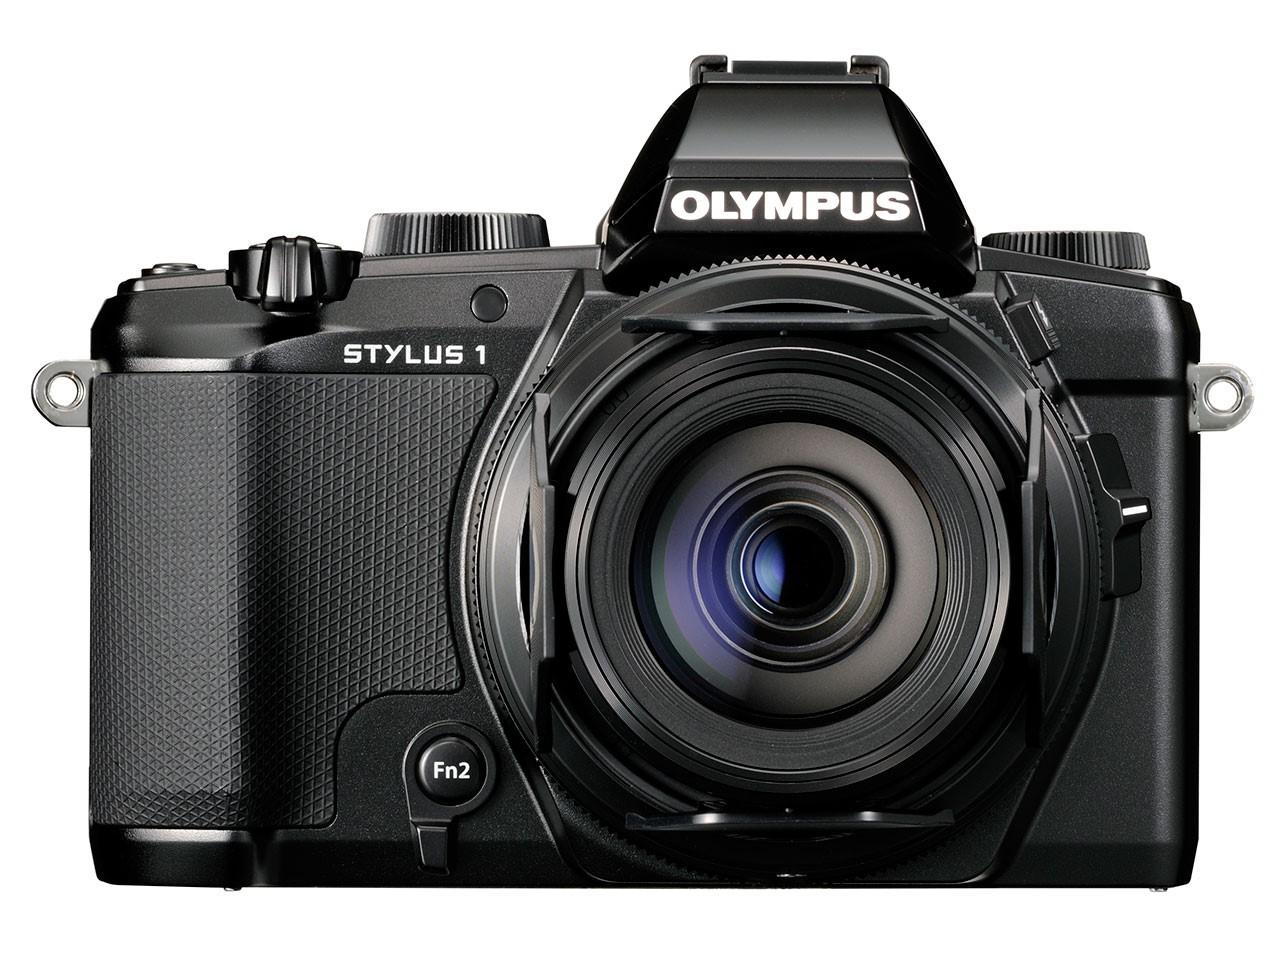 Olympus Stylus 1 teeb OM-D võimekuse taskukohaseks